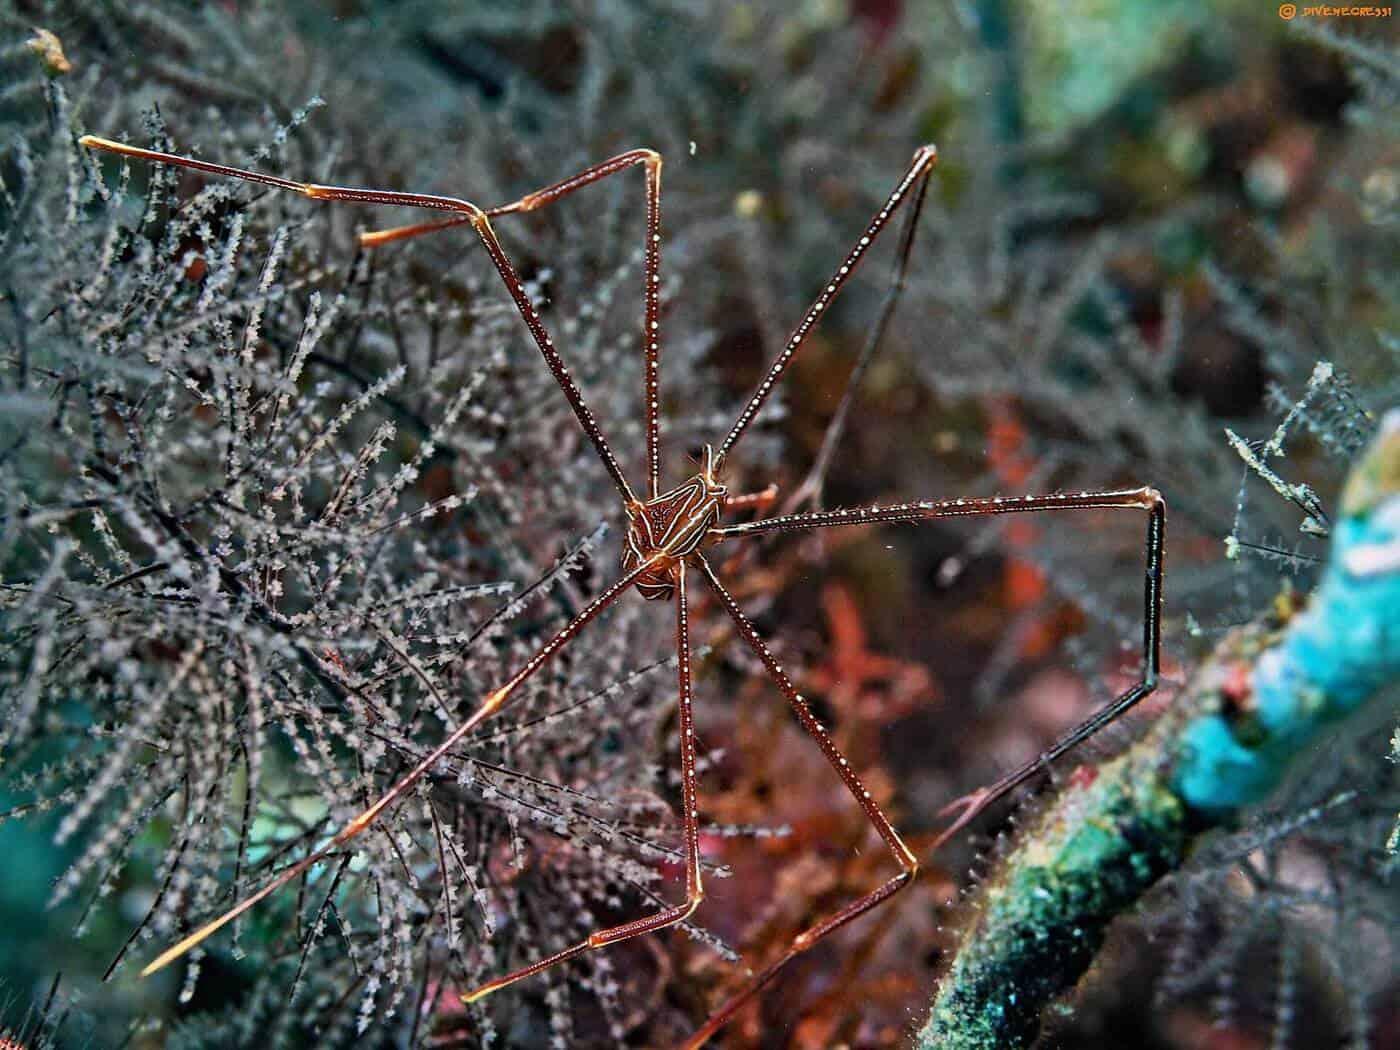 Chirostylus sandyi - Spider Squat Lobster